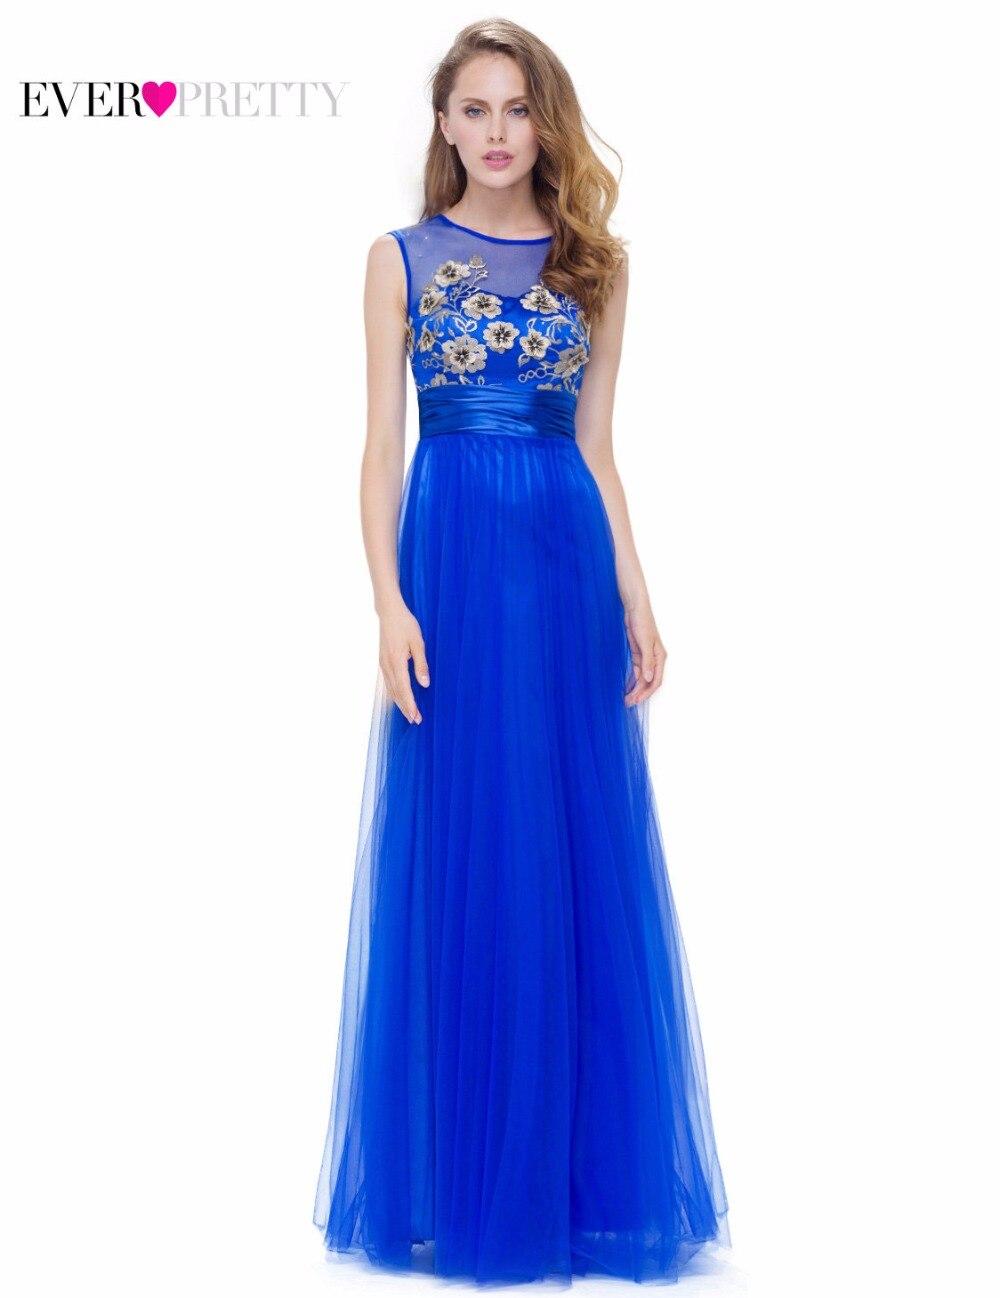 Модное сапфировое синее вечернее платье трапециевидной формы Ever Pretty EP08899SB новое поступление женское Элегантное Длинное платье без рукавов ...